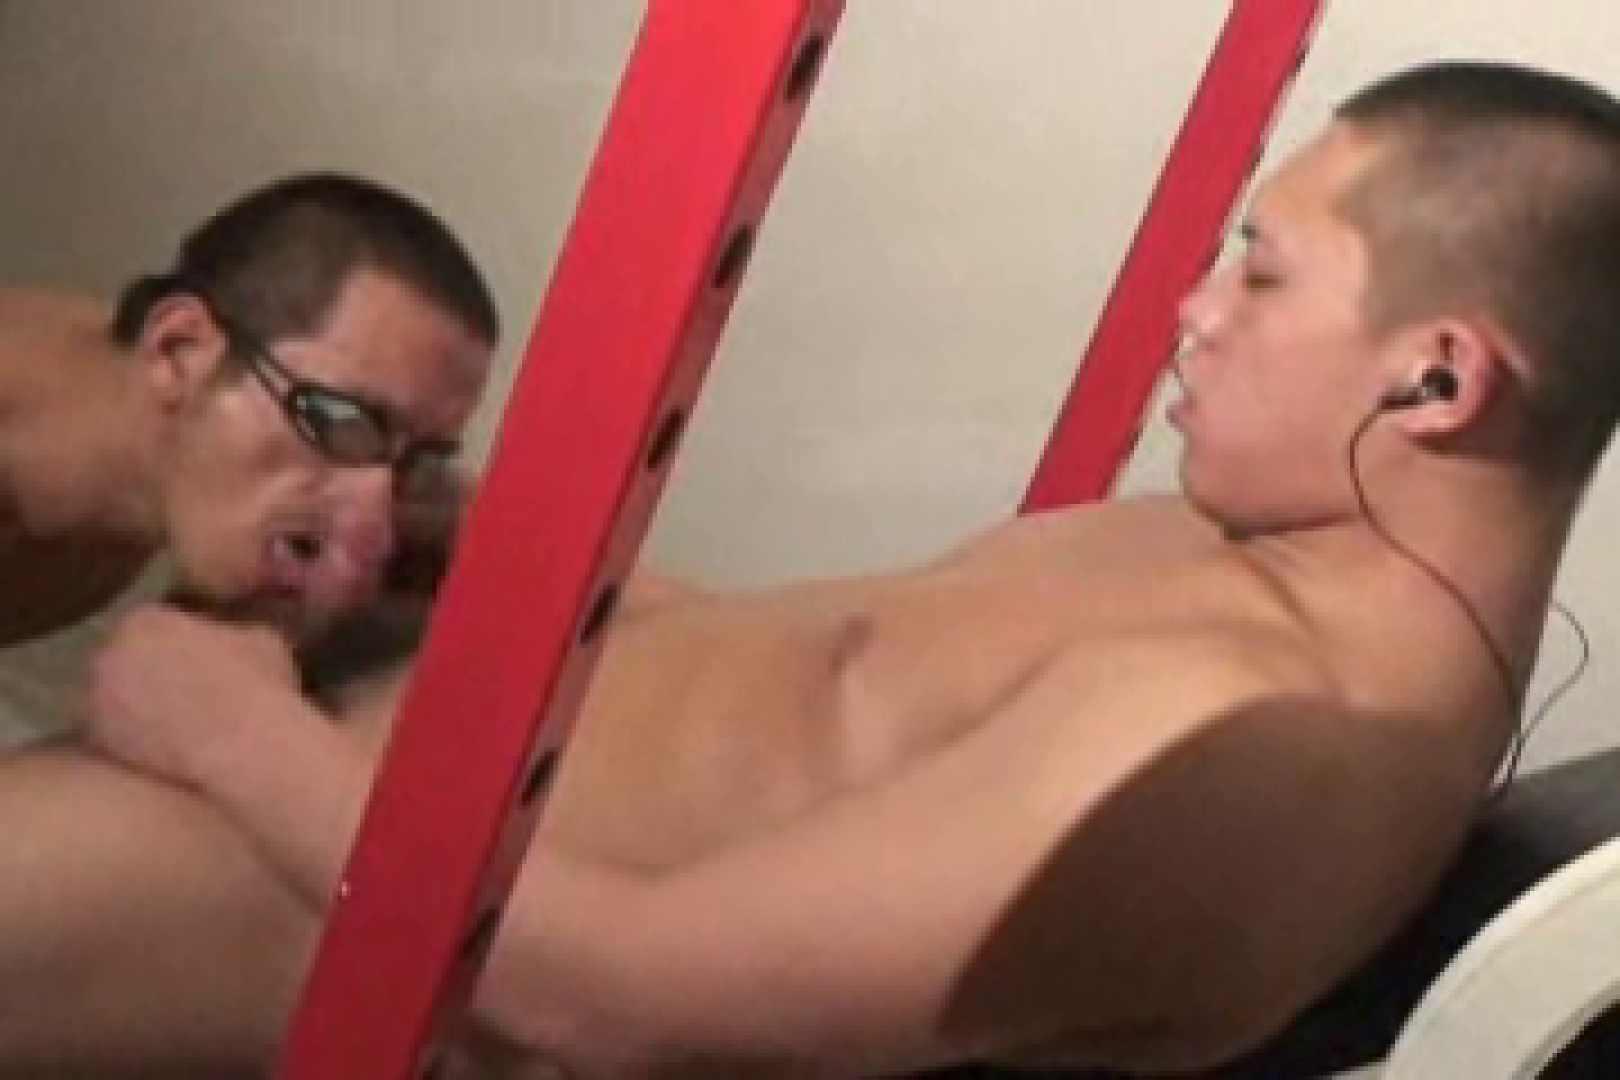 ケツまんフィットネスGYM!!vol.02 うす消しエロ | ディルド最高 ゲイ肛門画像 81枚 37